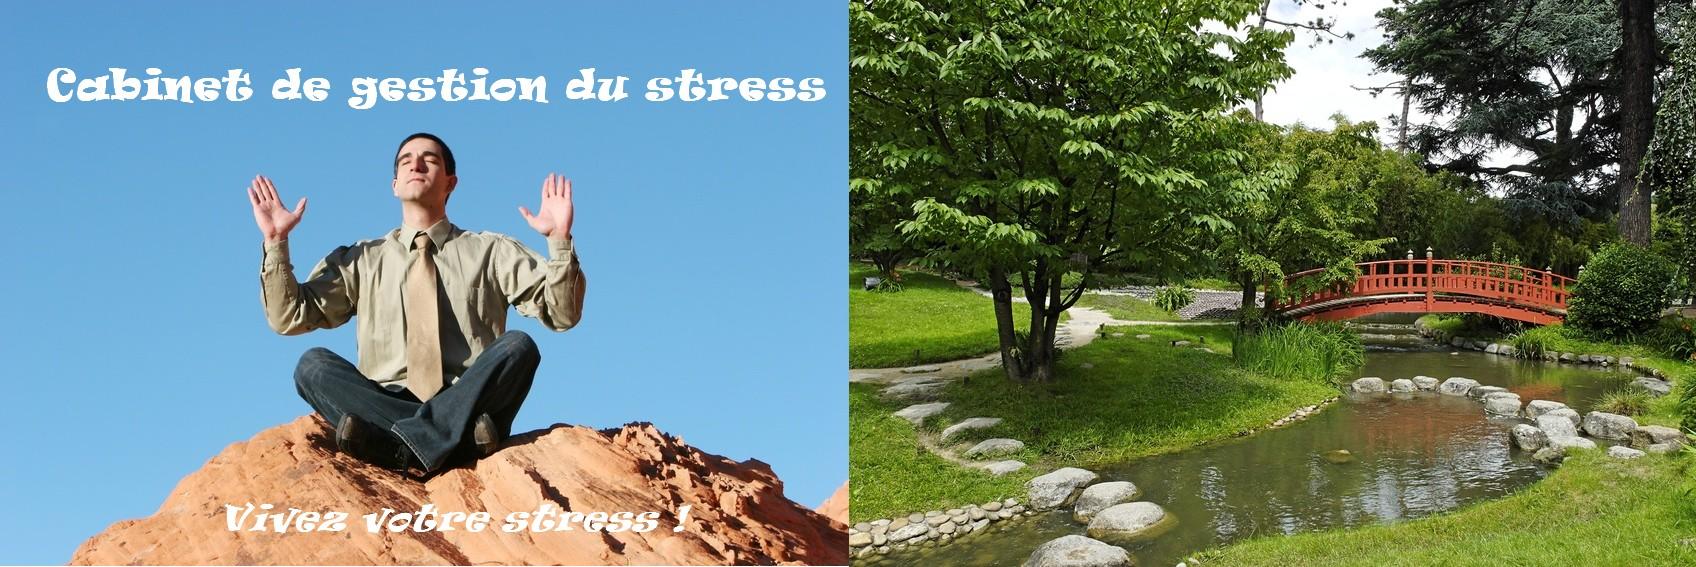 Gestion du stress Mérignac